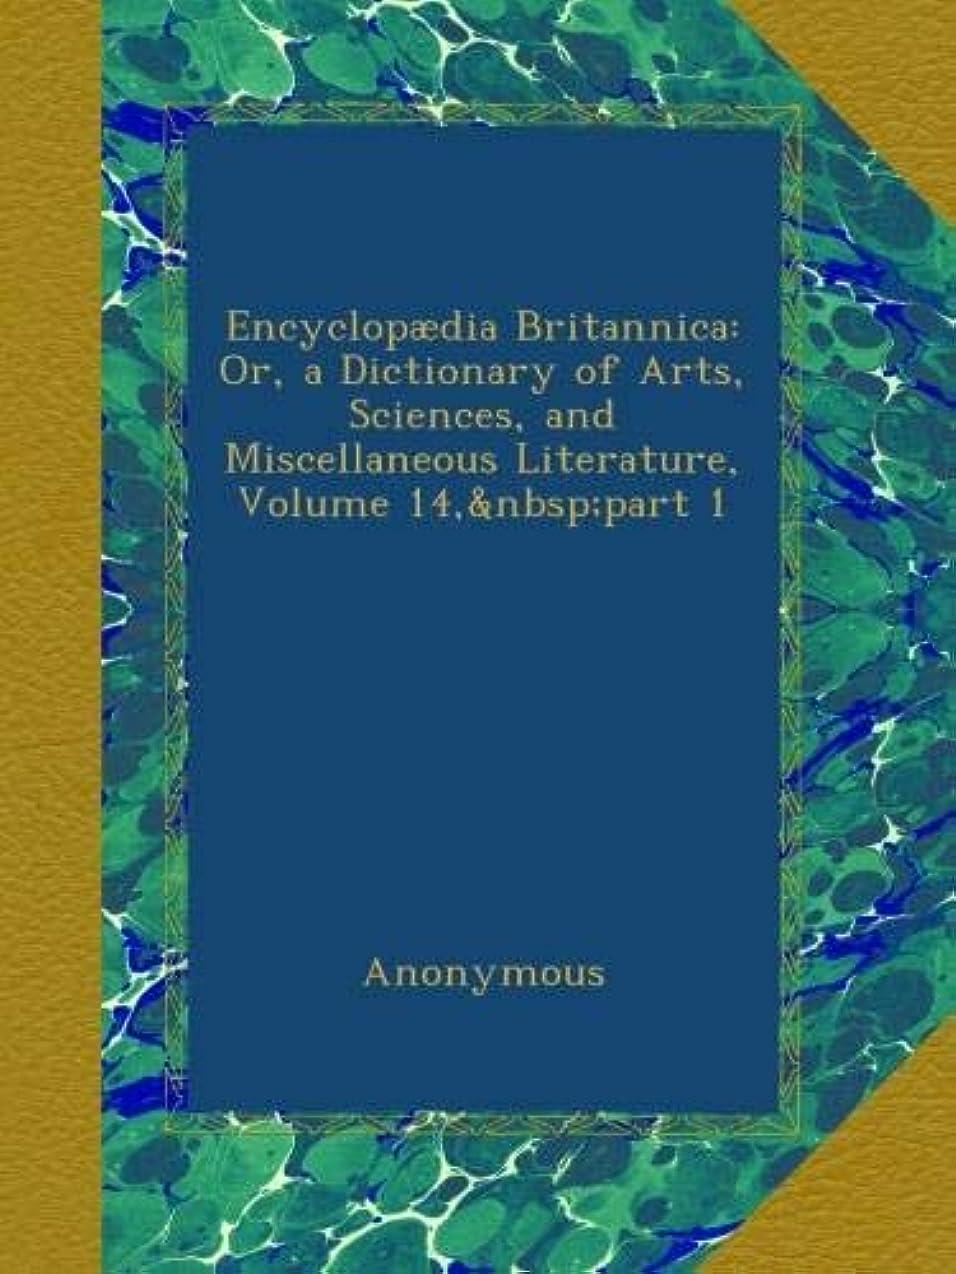 駐地不調和完了Encyclop?dia Britannica: Or, a Dictionary of Arts, Sciences, and Miscellaneous Literature, Volume 14,?part 1